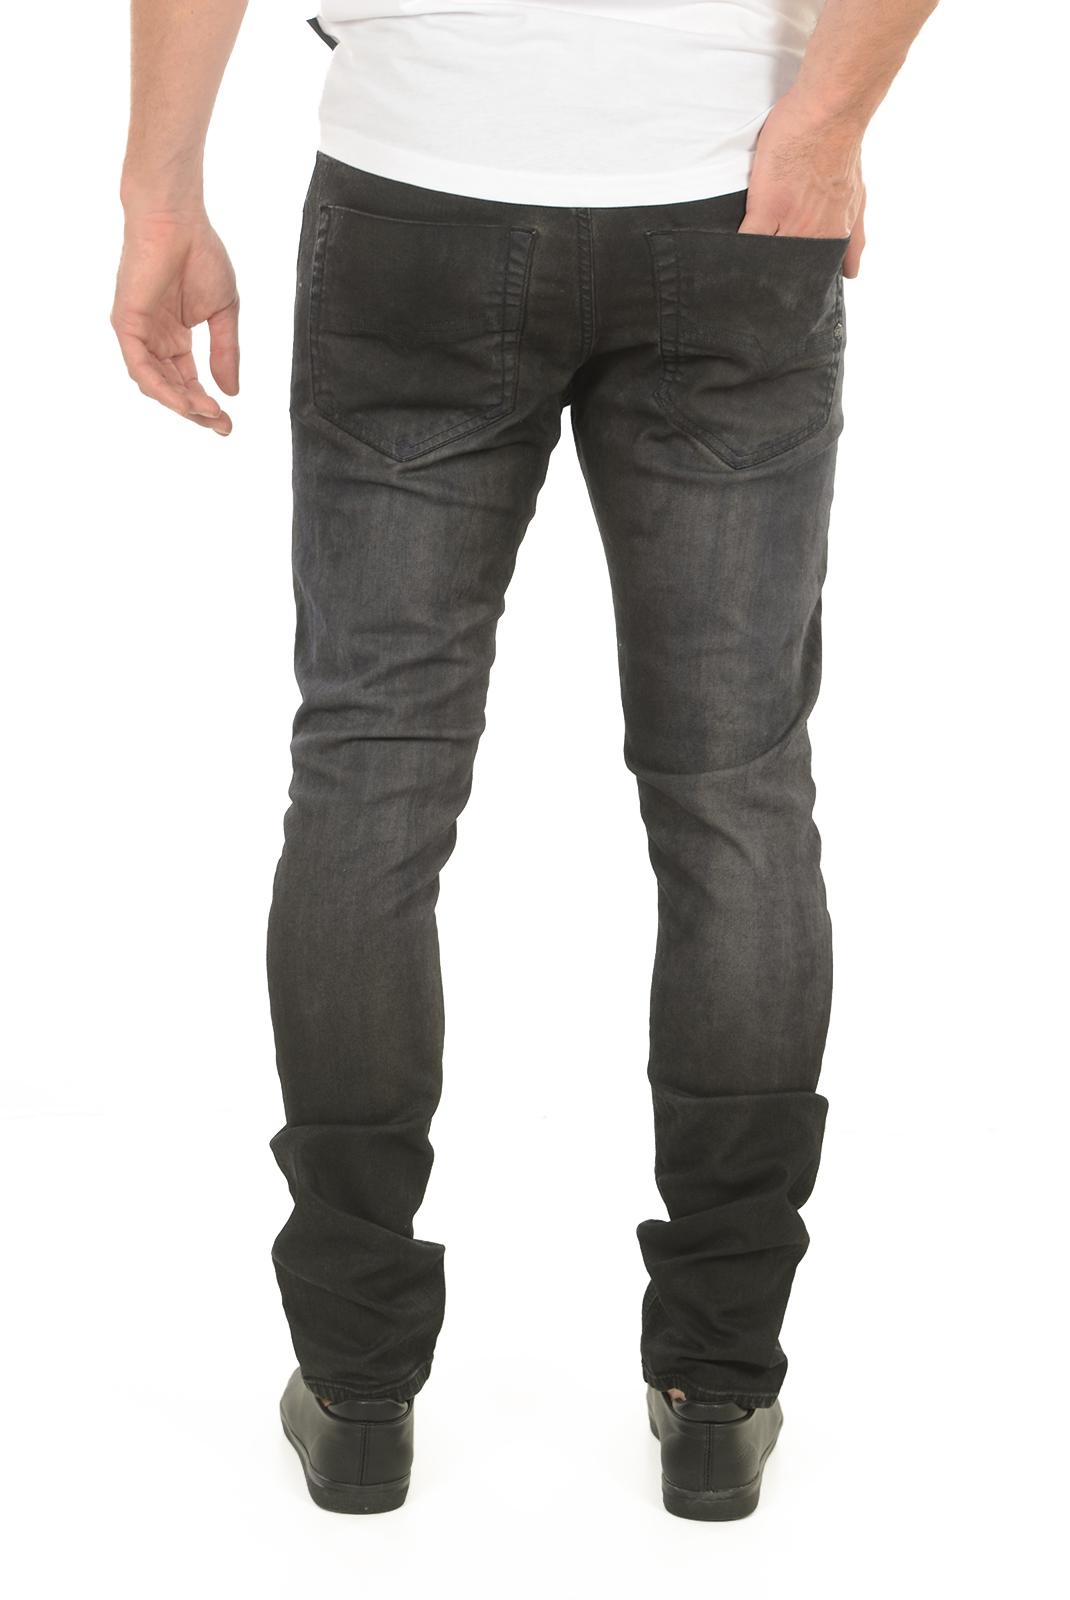 Jean slim / skinny  Diesel TEPPHAR 856N NOIR